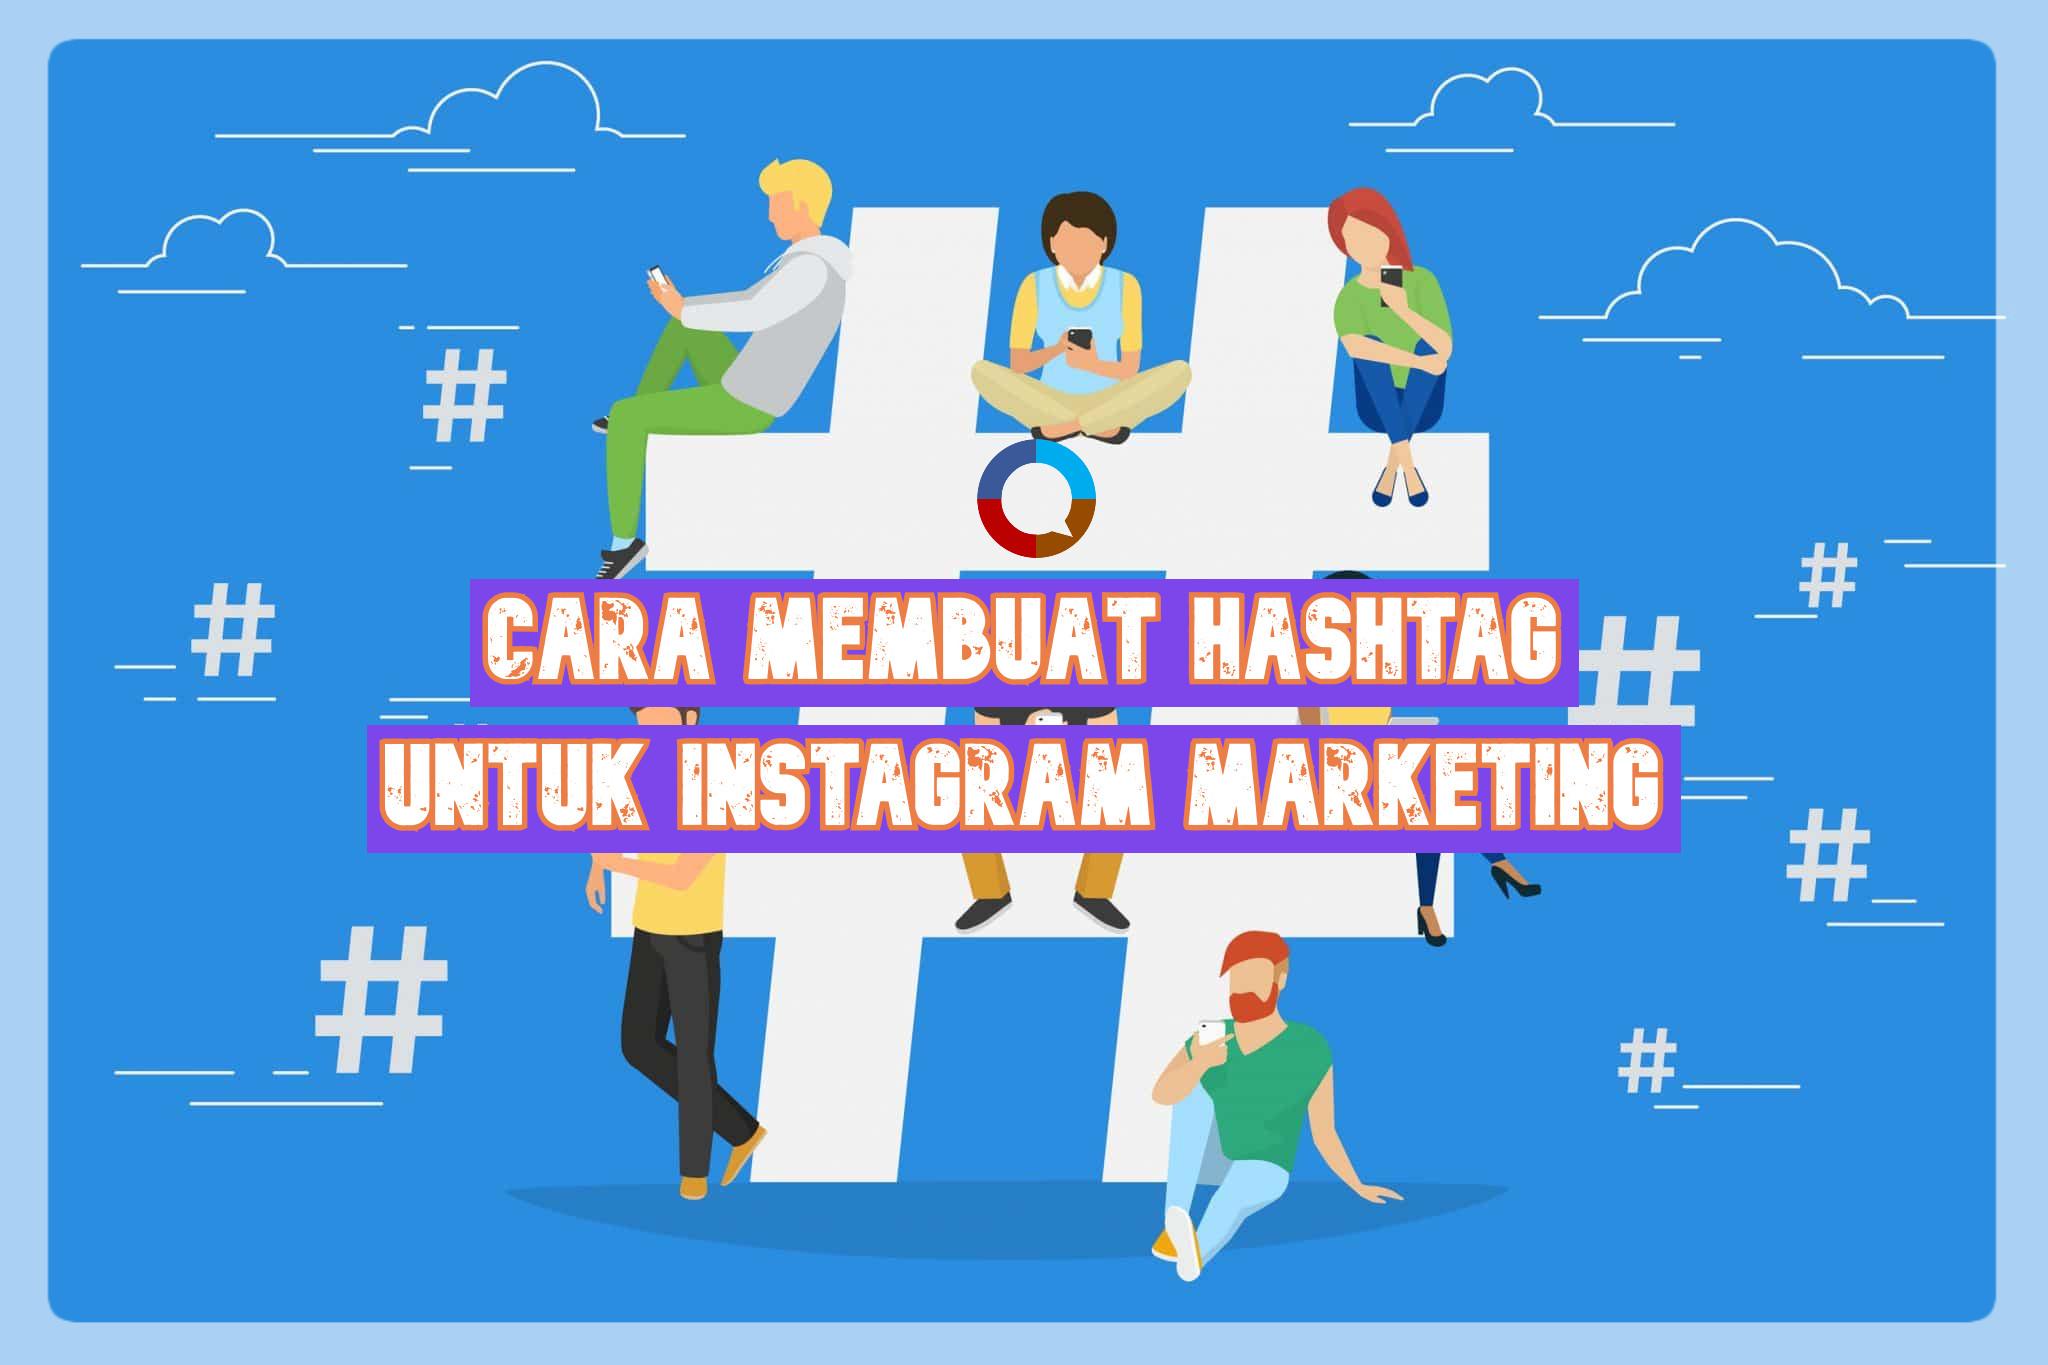 Trik membuat hashtag untuk marketing online Instagram